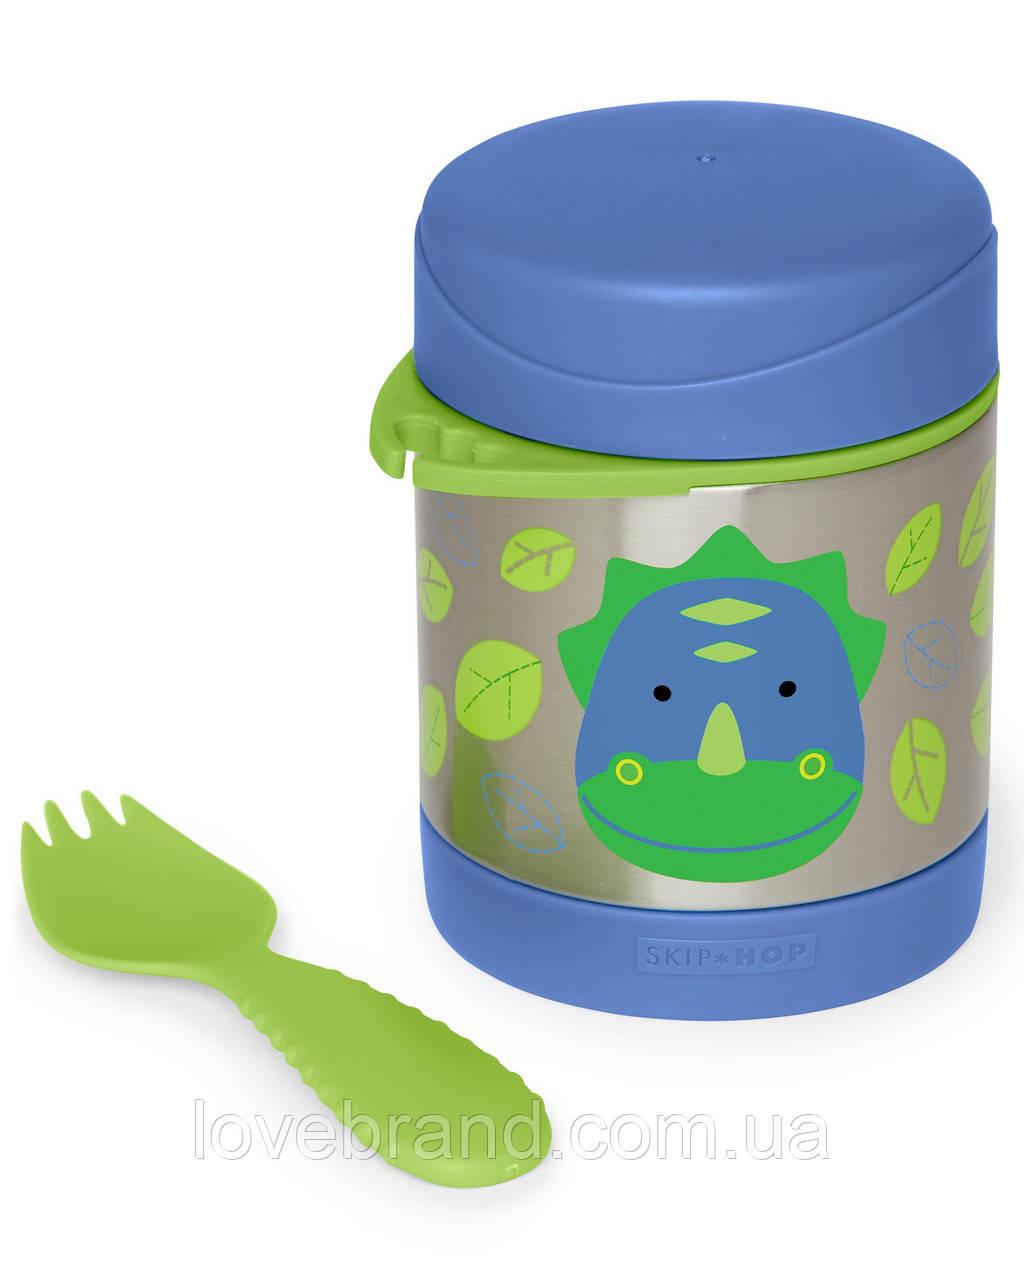 Детский термос для еды с динозавром Skip Hop (США), посуда скип хоп для малышей